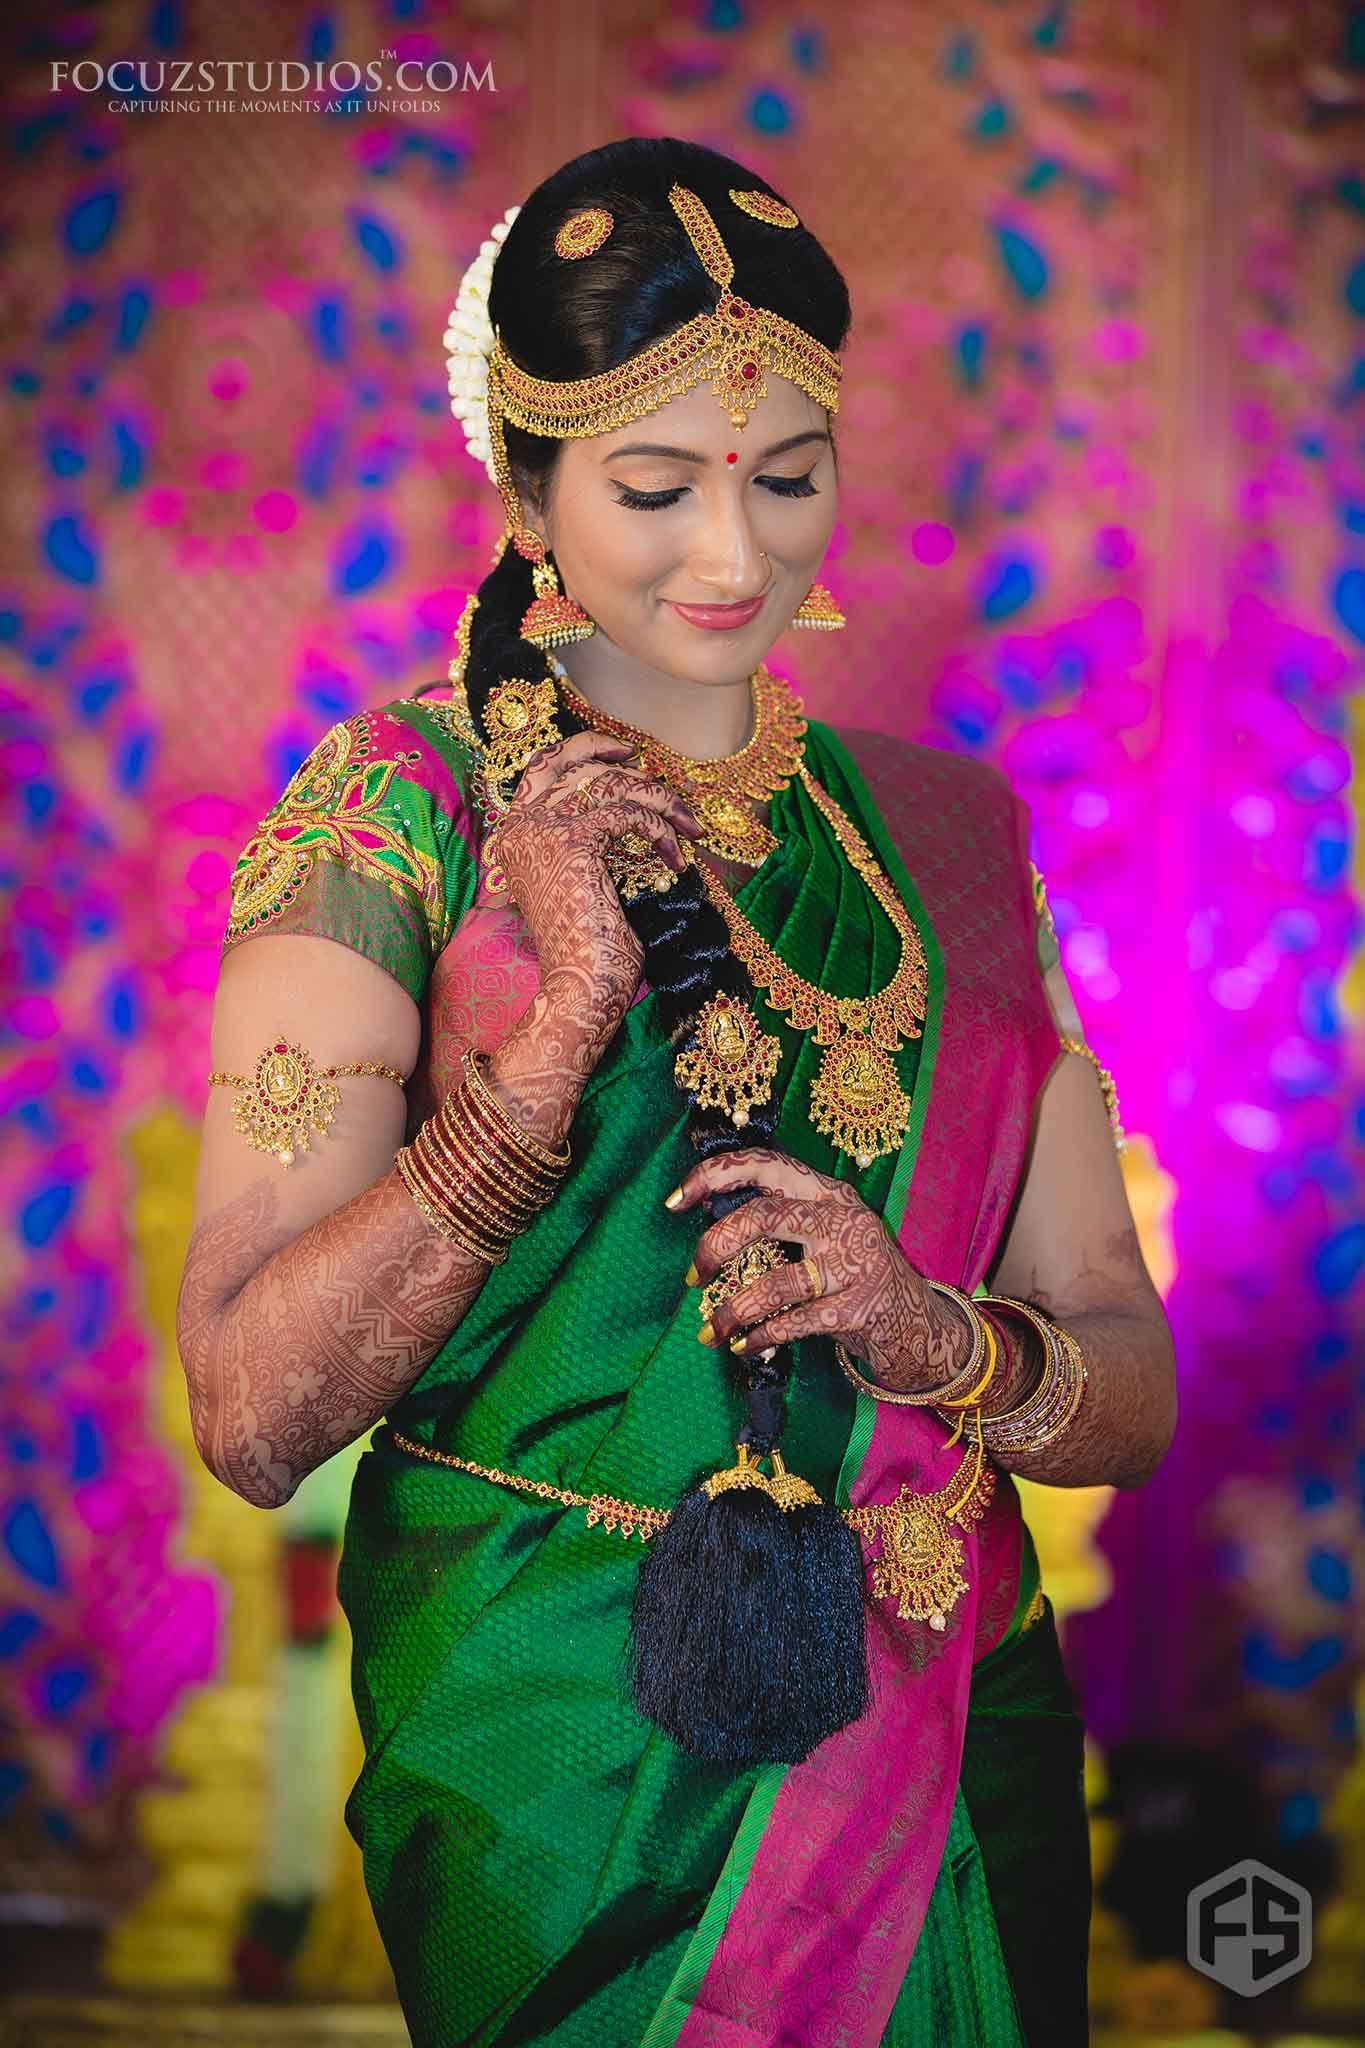 Tambrahm Wedding Photography Chennai Focuz Studios Indian Wedding Poses Indian Wedding Couple Wedding Photoshoot Poses